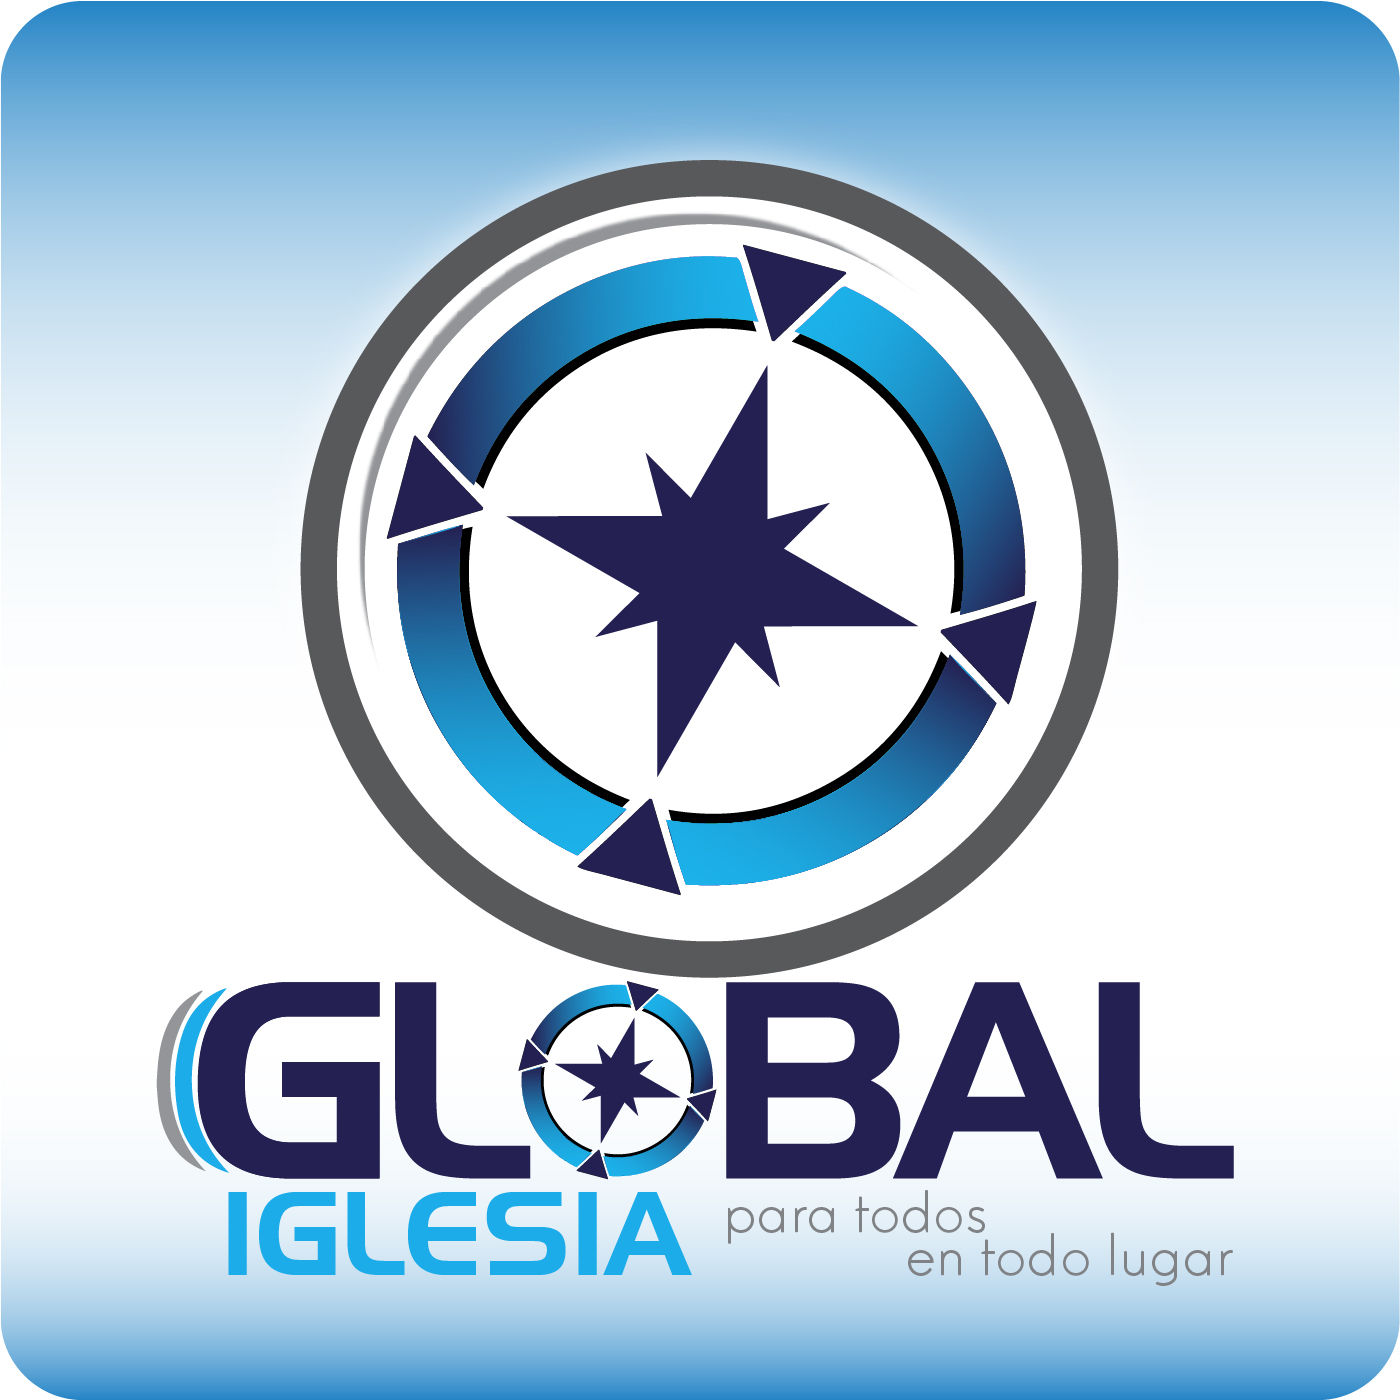 Iglesia Global